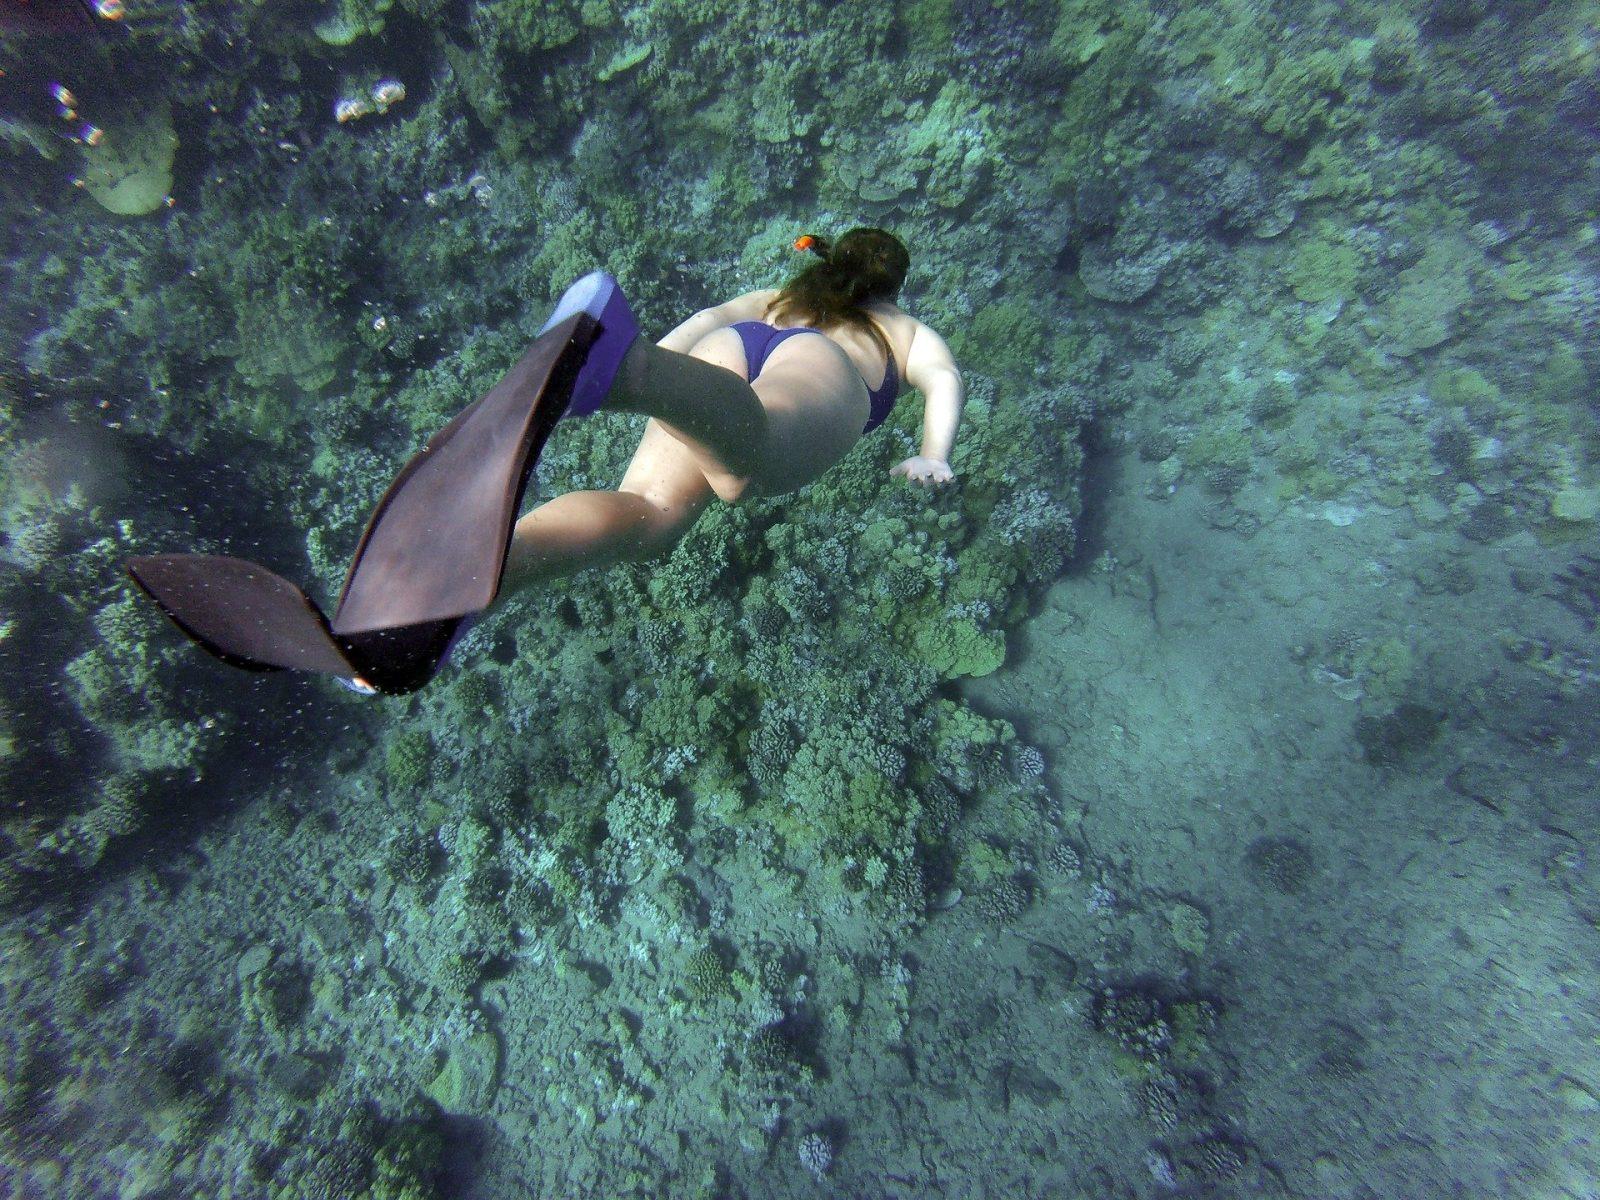 Πώς να κολυμπάς με ασφάλεια χειμώνα-καλοκαίρι